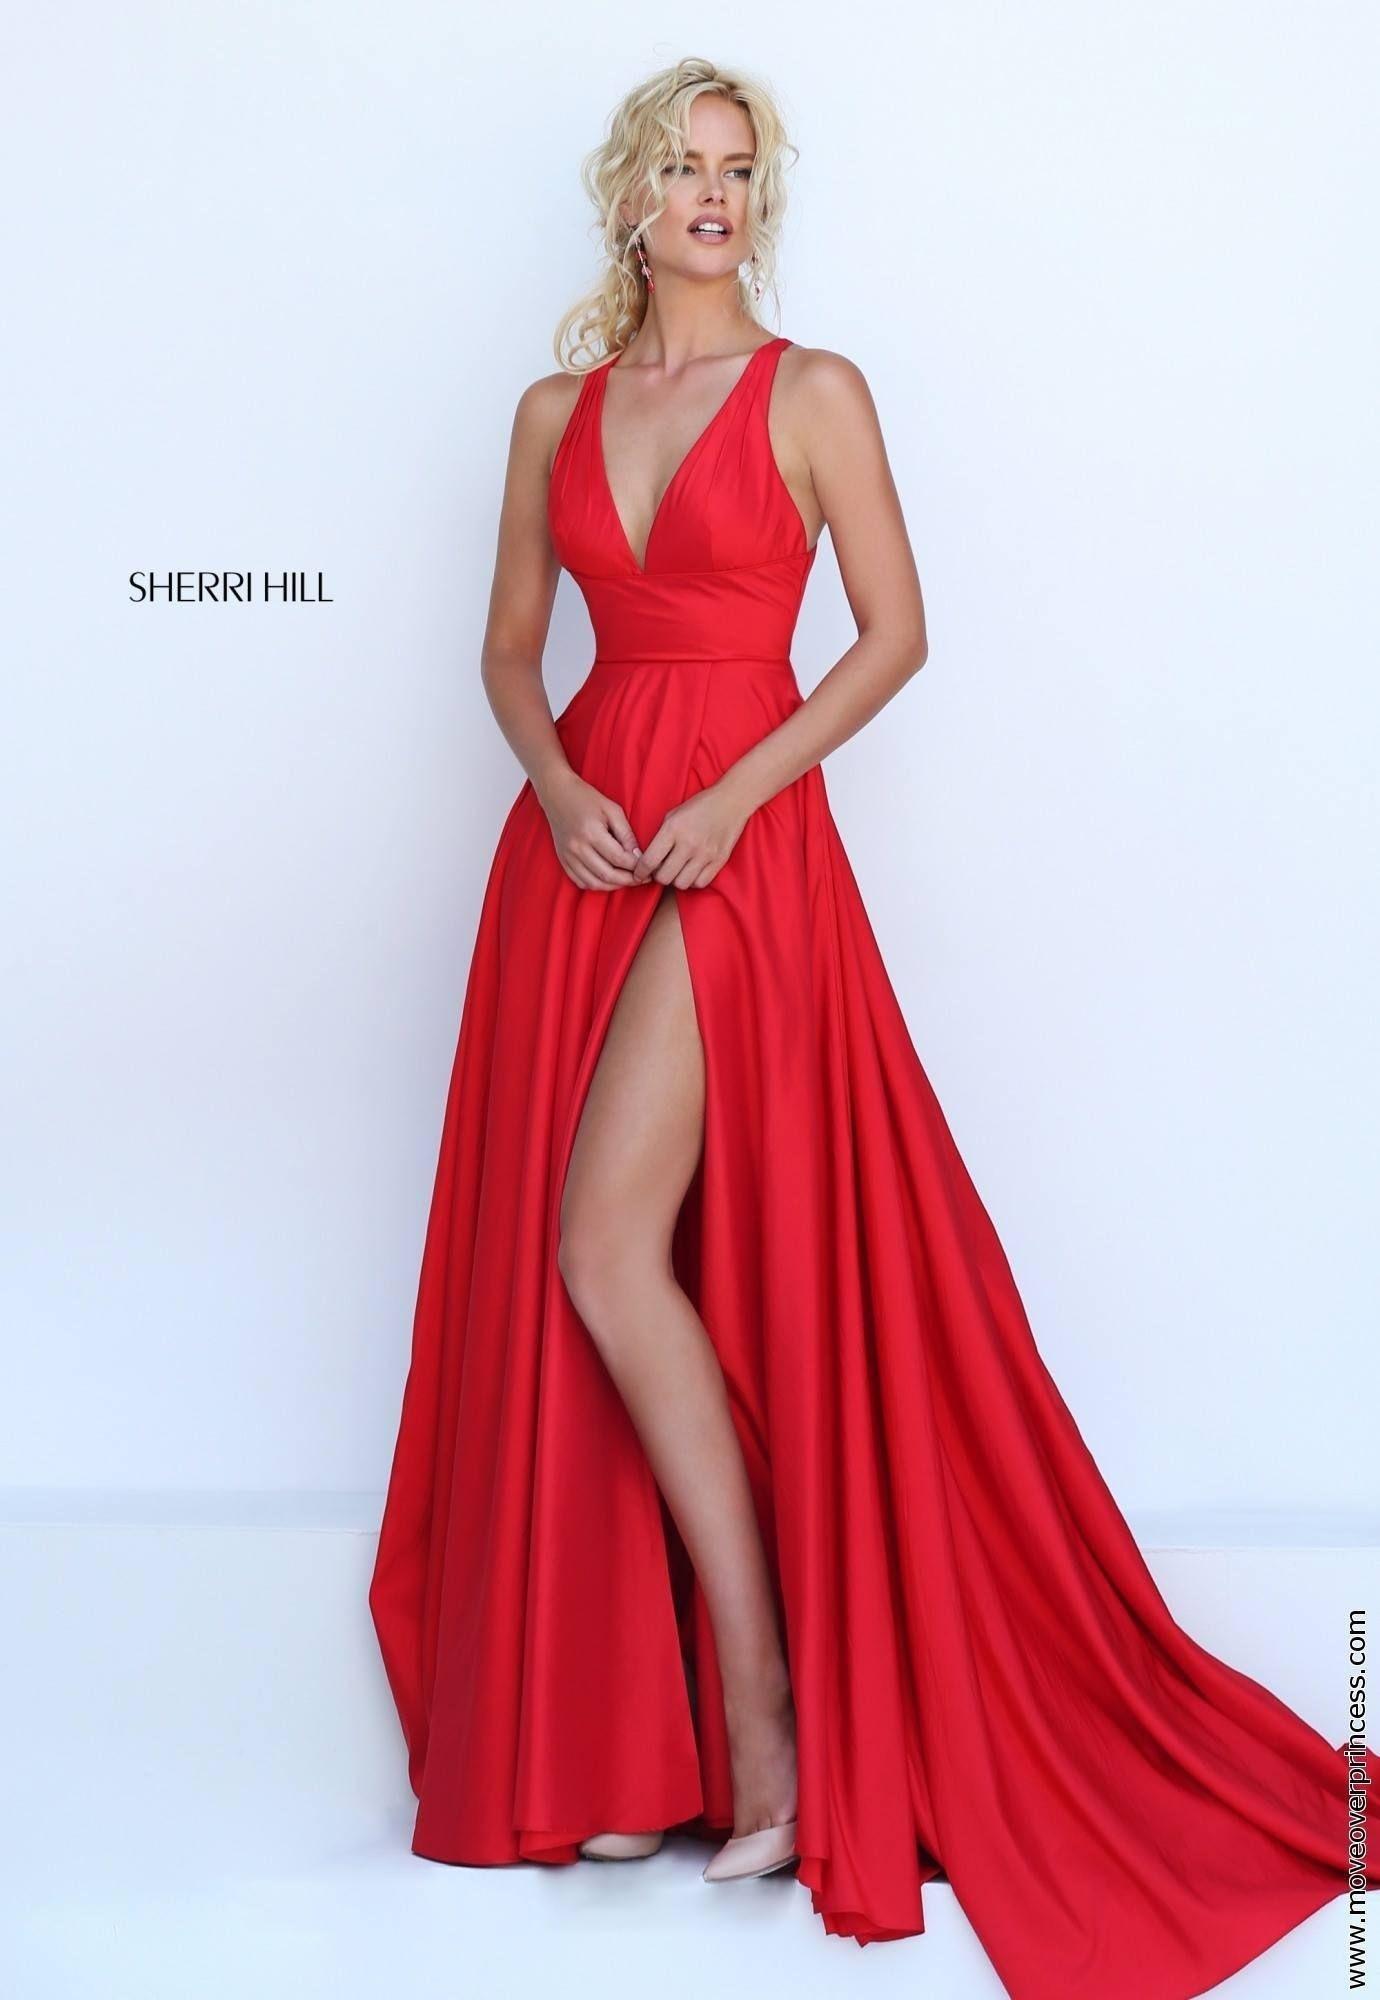 Abend Großartig Kleider Schöne Anlässe SpezialgebietFormal Großartig Kleider Schöne Anlässe Stylish